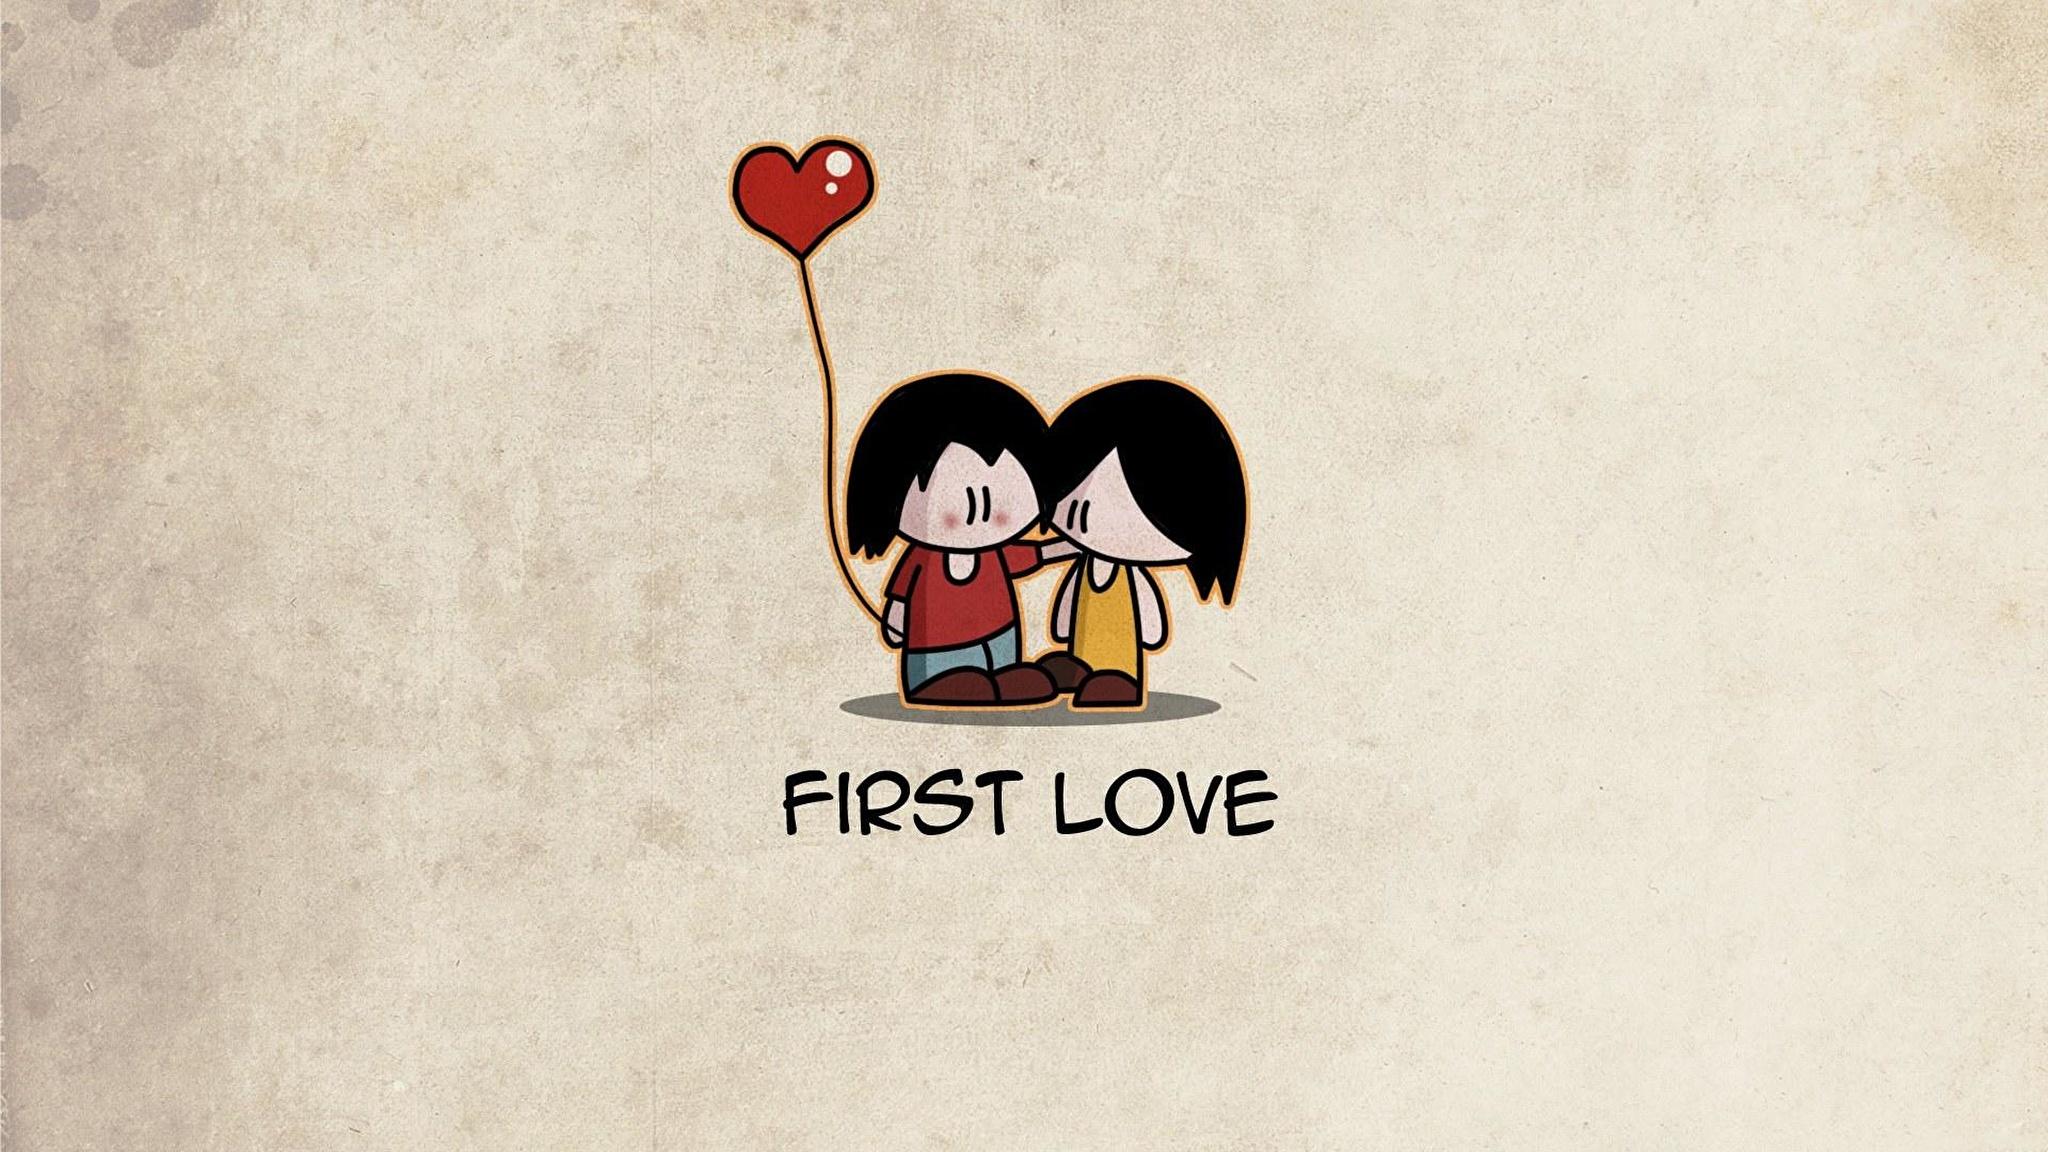 любовь i love you надпись графика загрузить